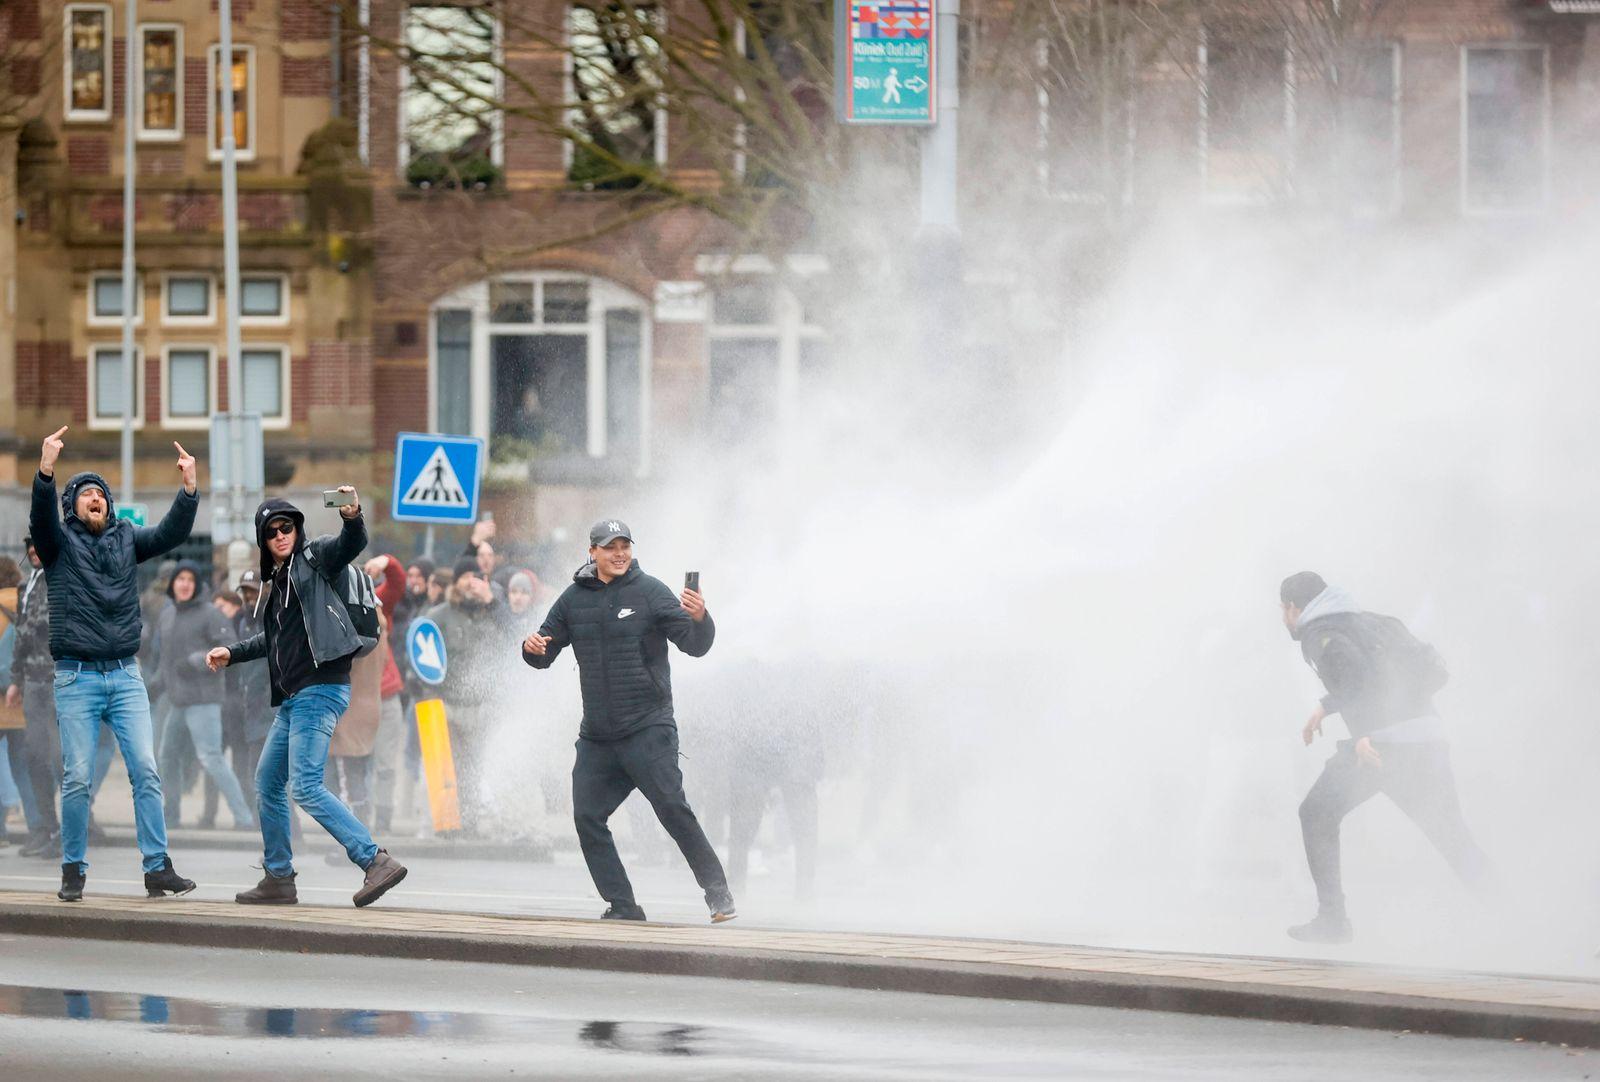 AMSTERDAM - De politie heeft een waterkanon ingezet om demonstranten te weren van het Museumplein, waar zij zich hadden